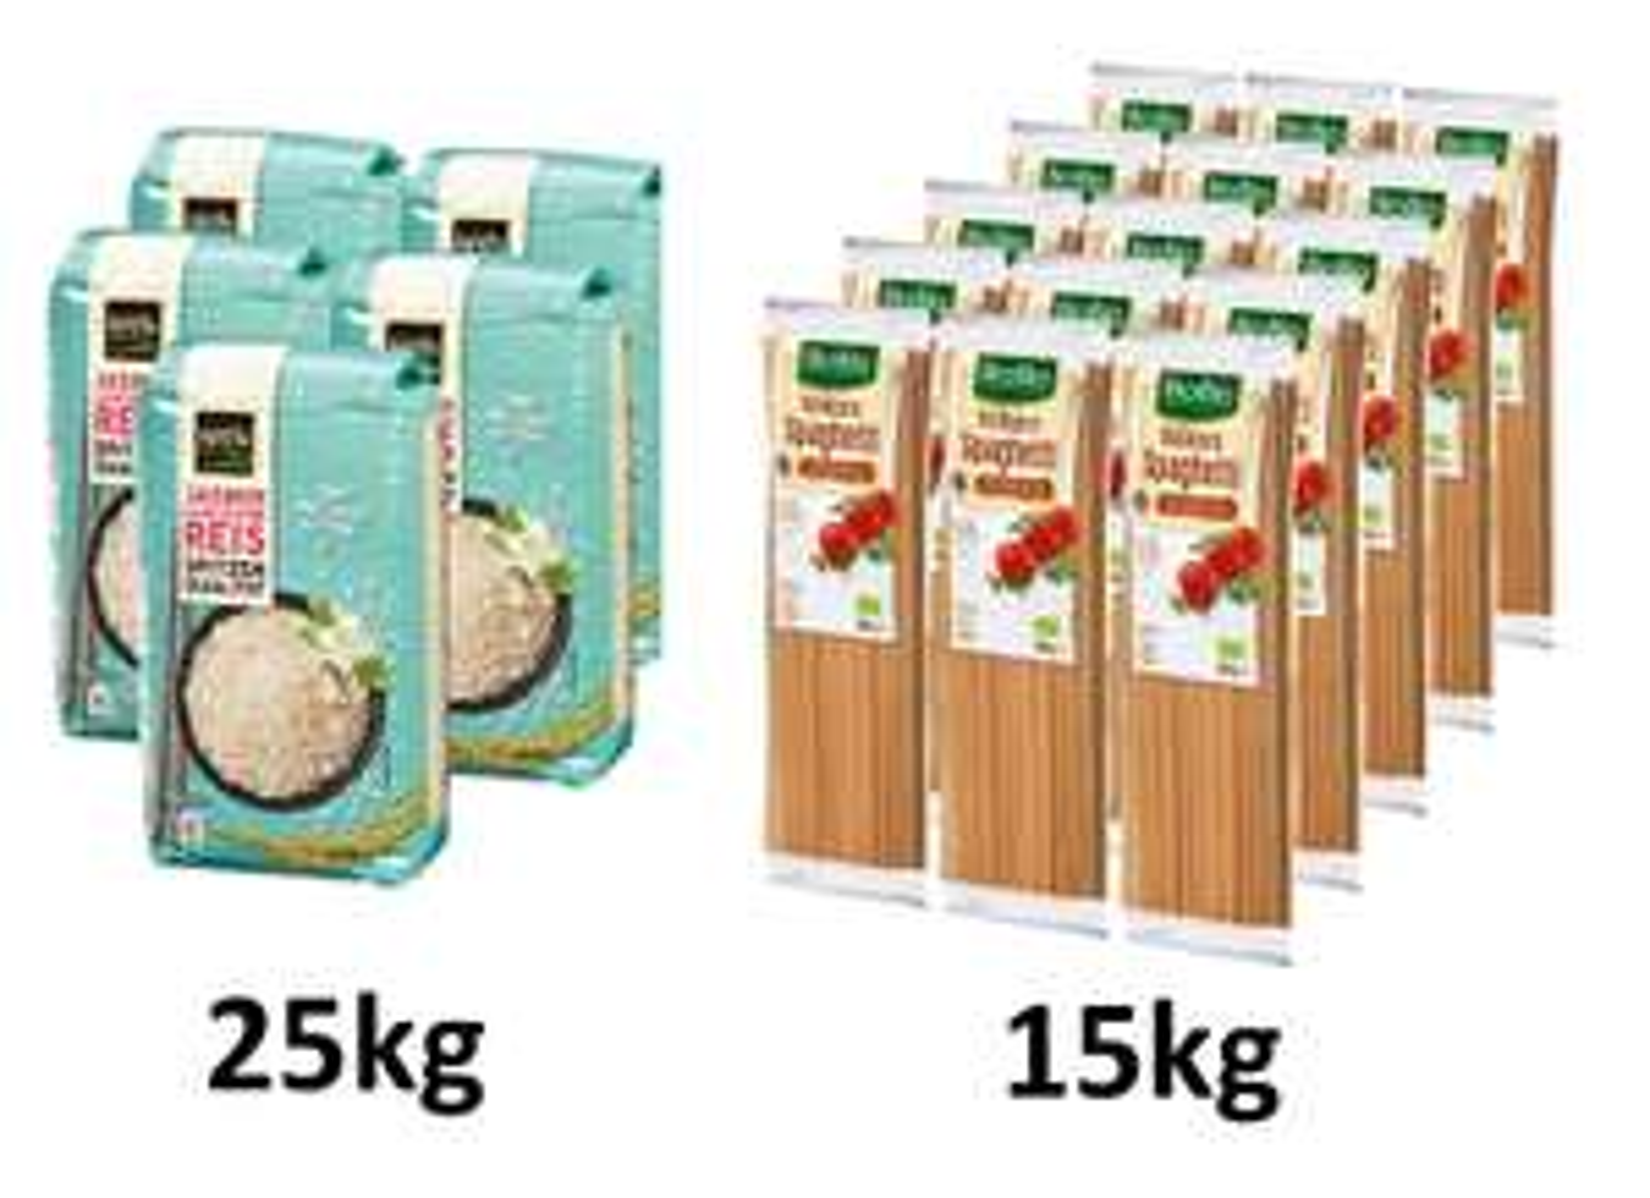 Vorratspaket: 25kg Satori Jasmin-Reis (1,43€/kg) & 15kg BioBio Vollkorn Spaghetti (1,35€/kg) für 55,99€ inkl. Versand